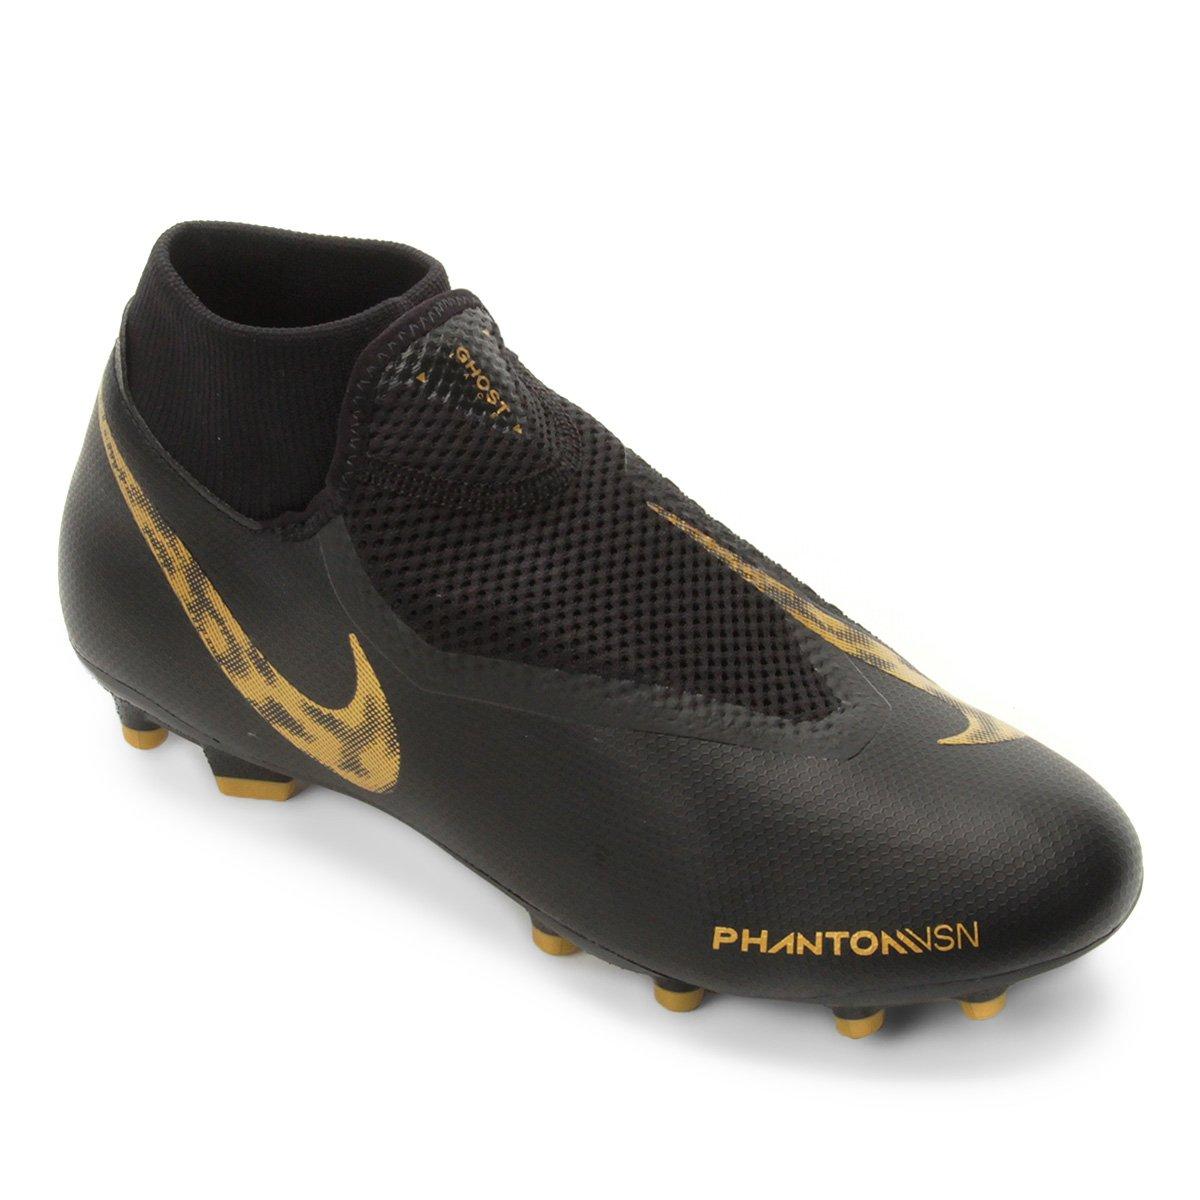 8d797cabf3c4d Chuteira Campo Nike Phantom Vision Academy DF FG - Preto e Dourado - Compre  Agora